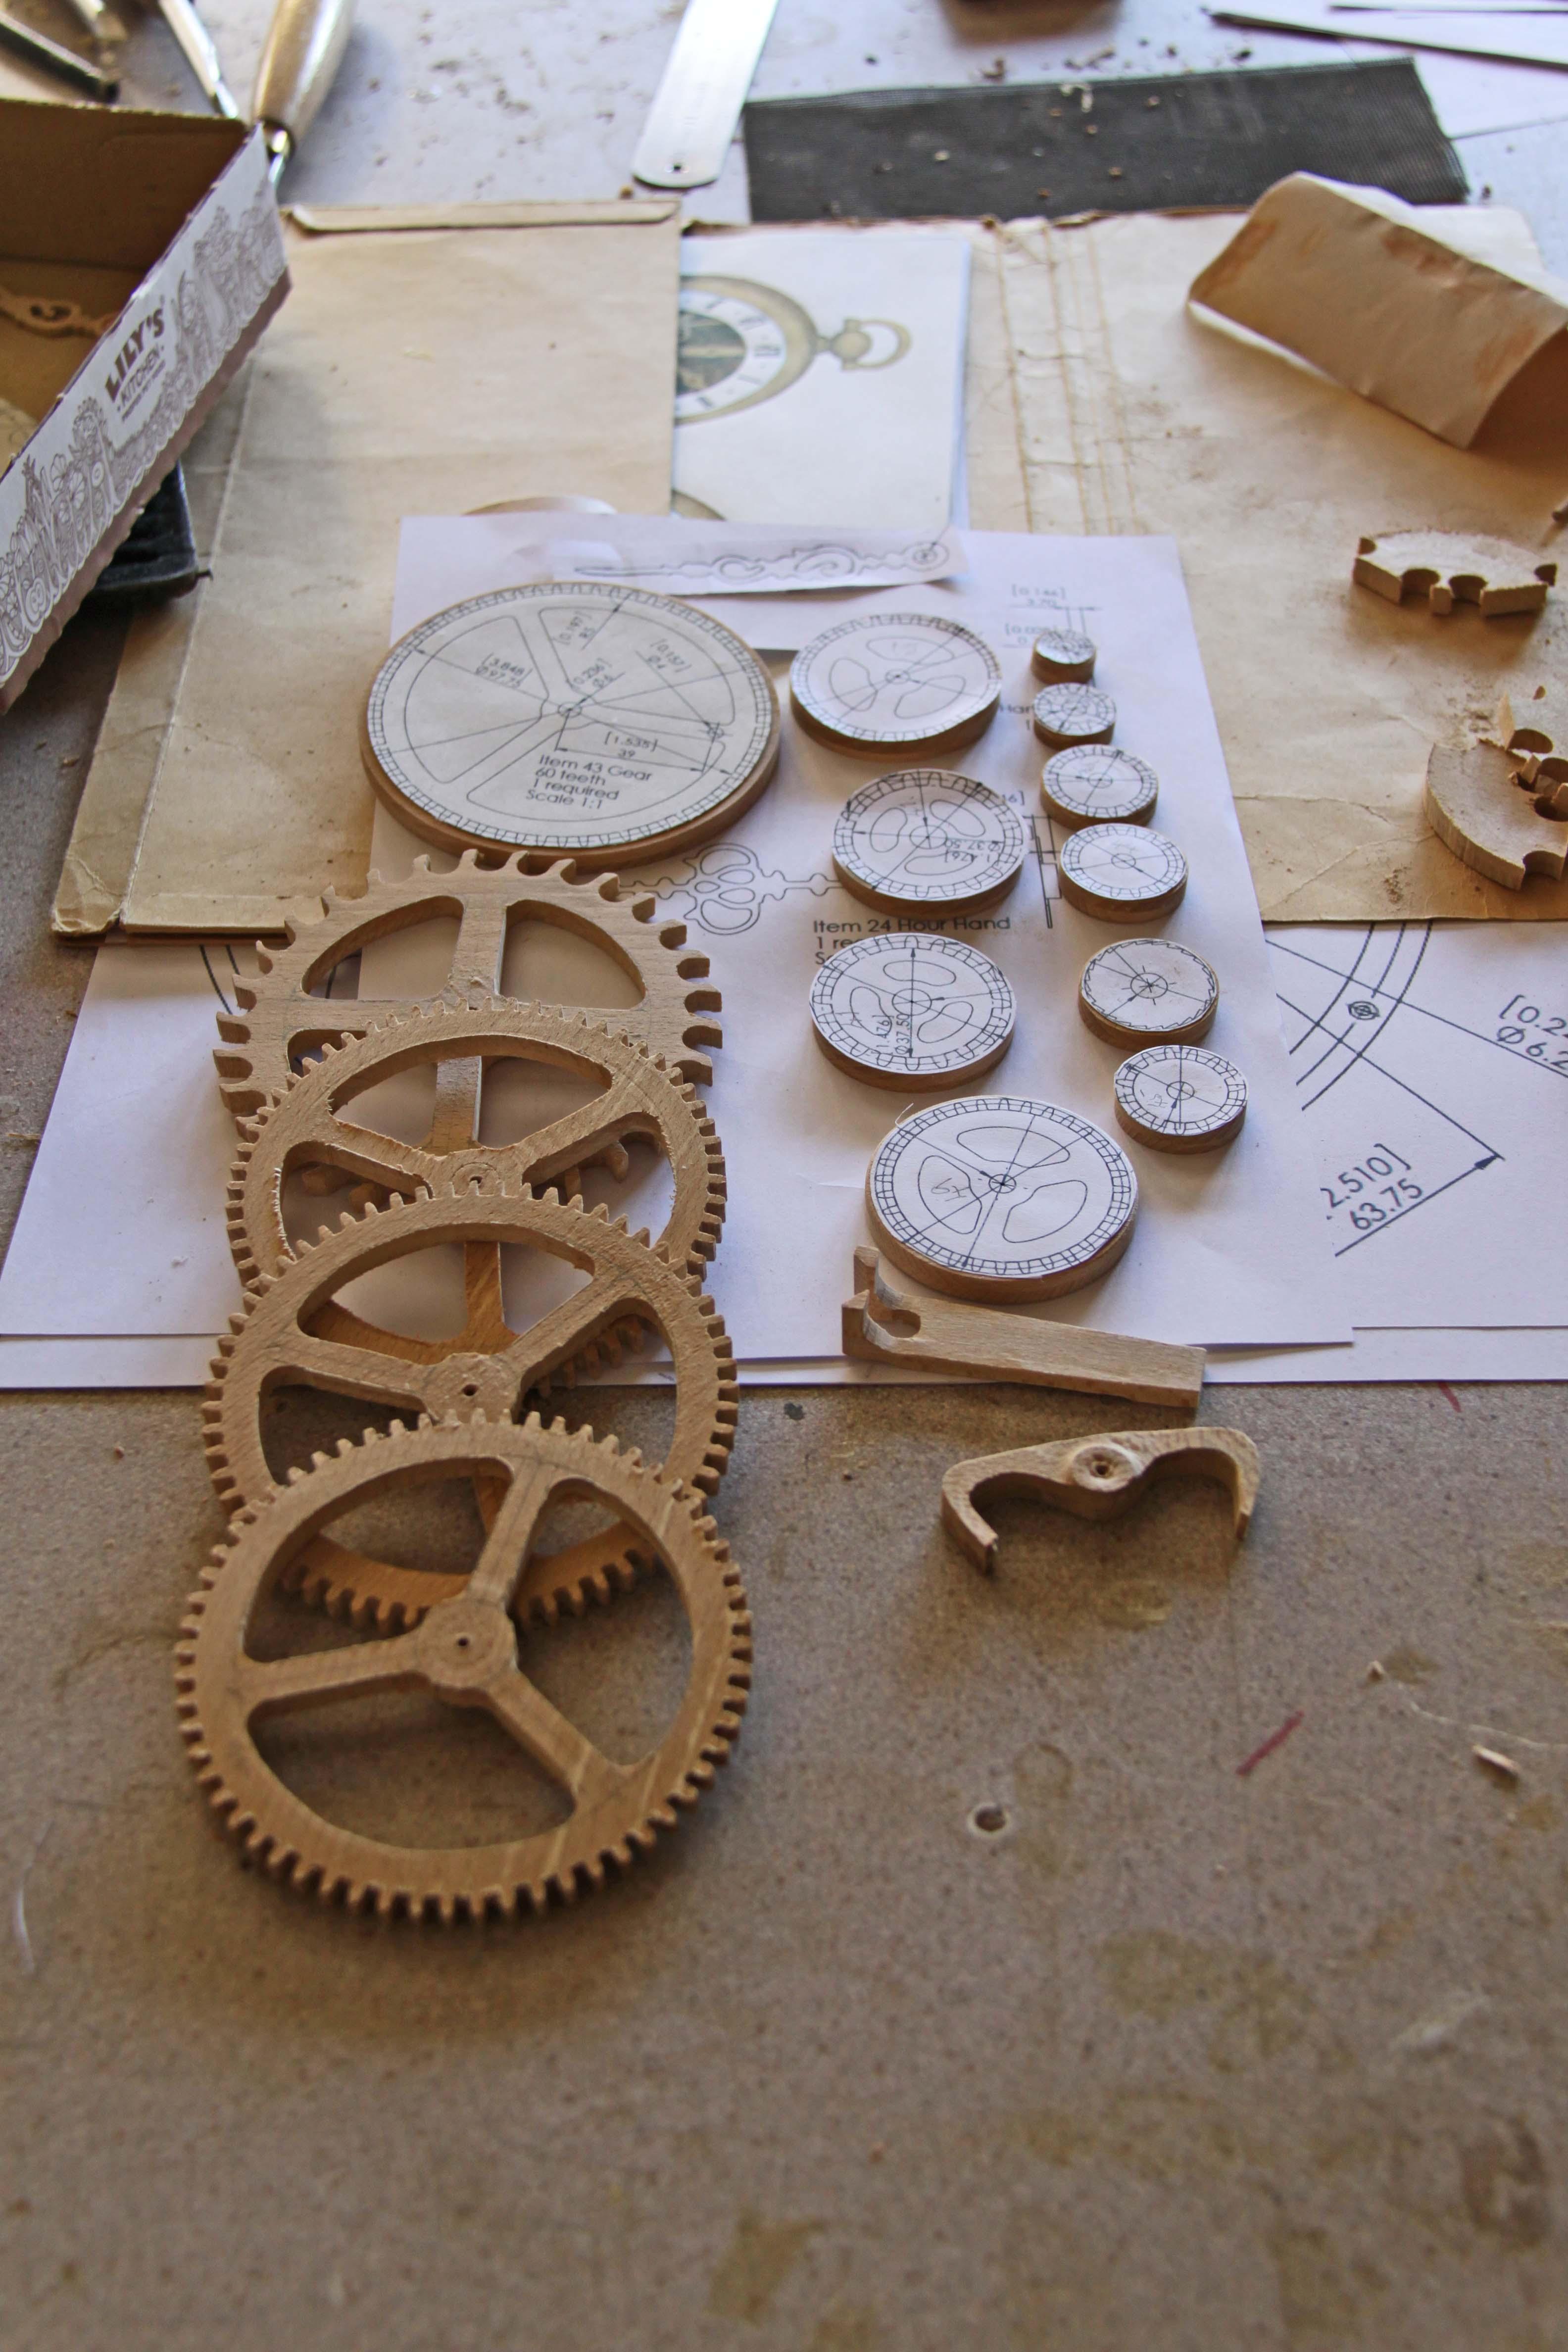 b gears 2.jpg